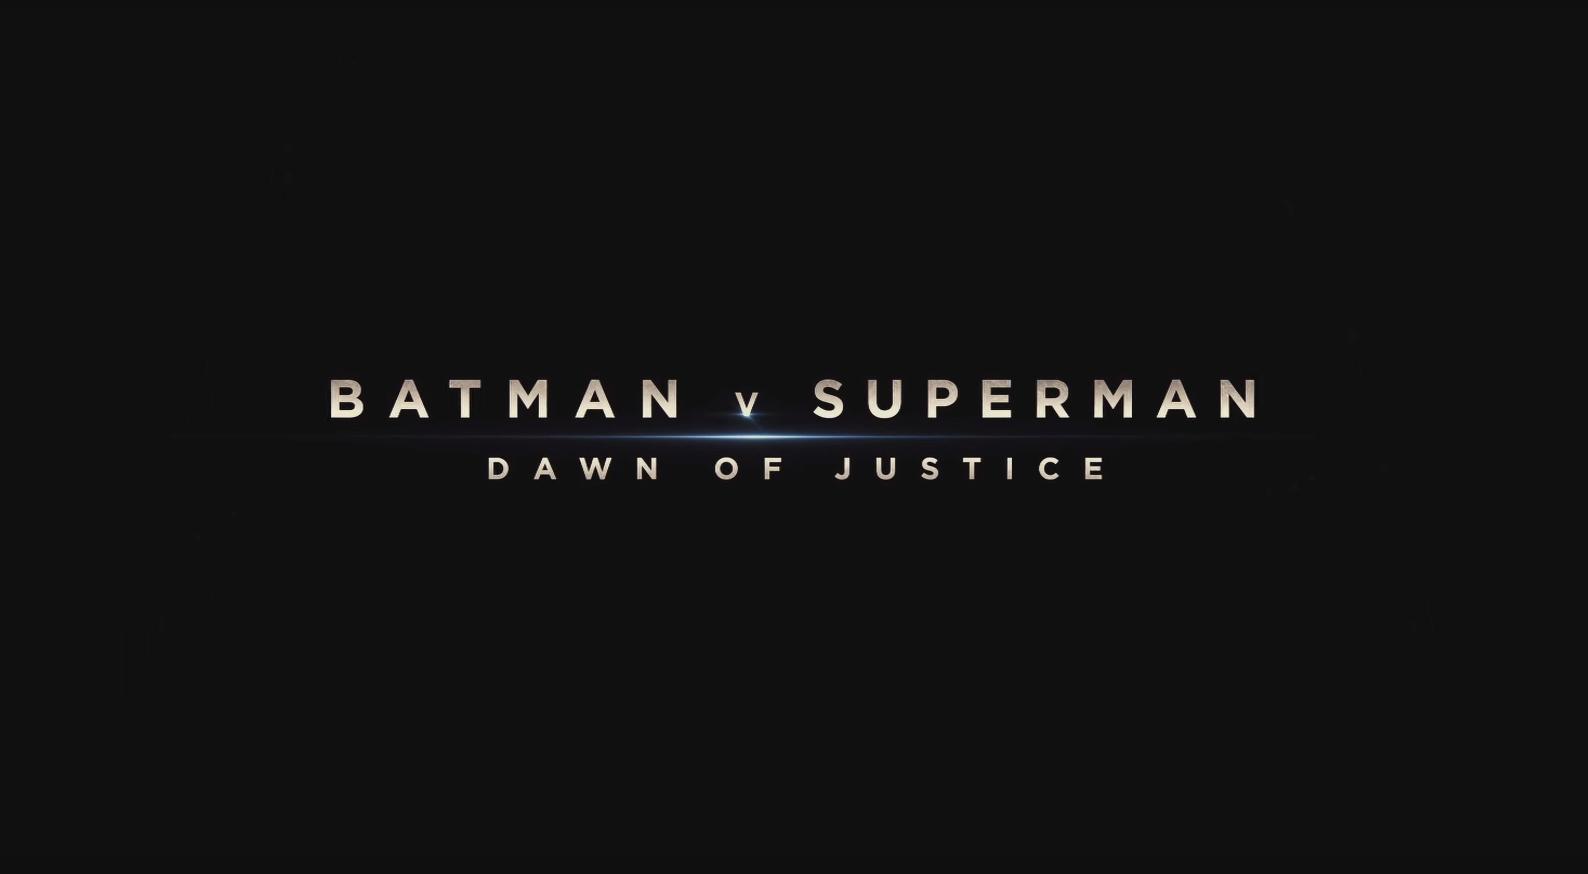 《蝙蝠俠對超人:正義曙光》官方預告片